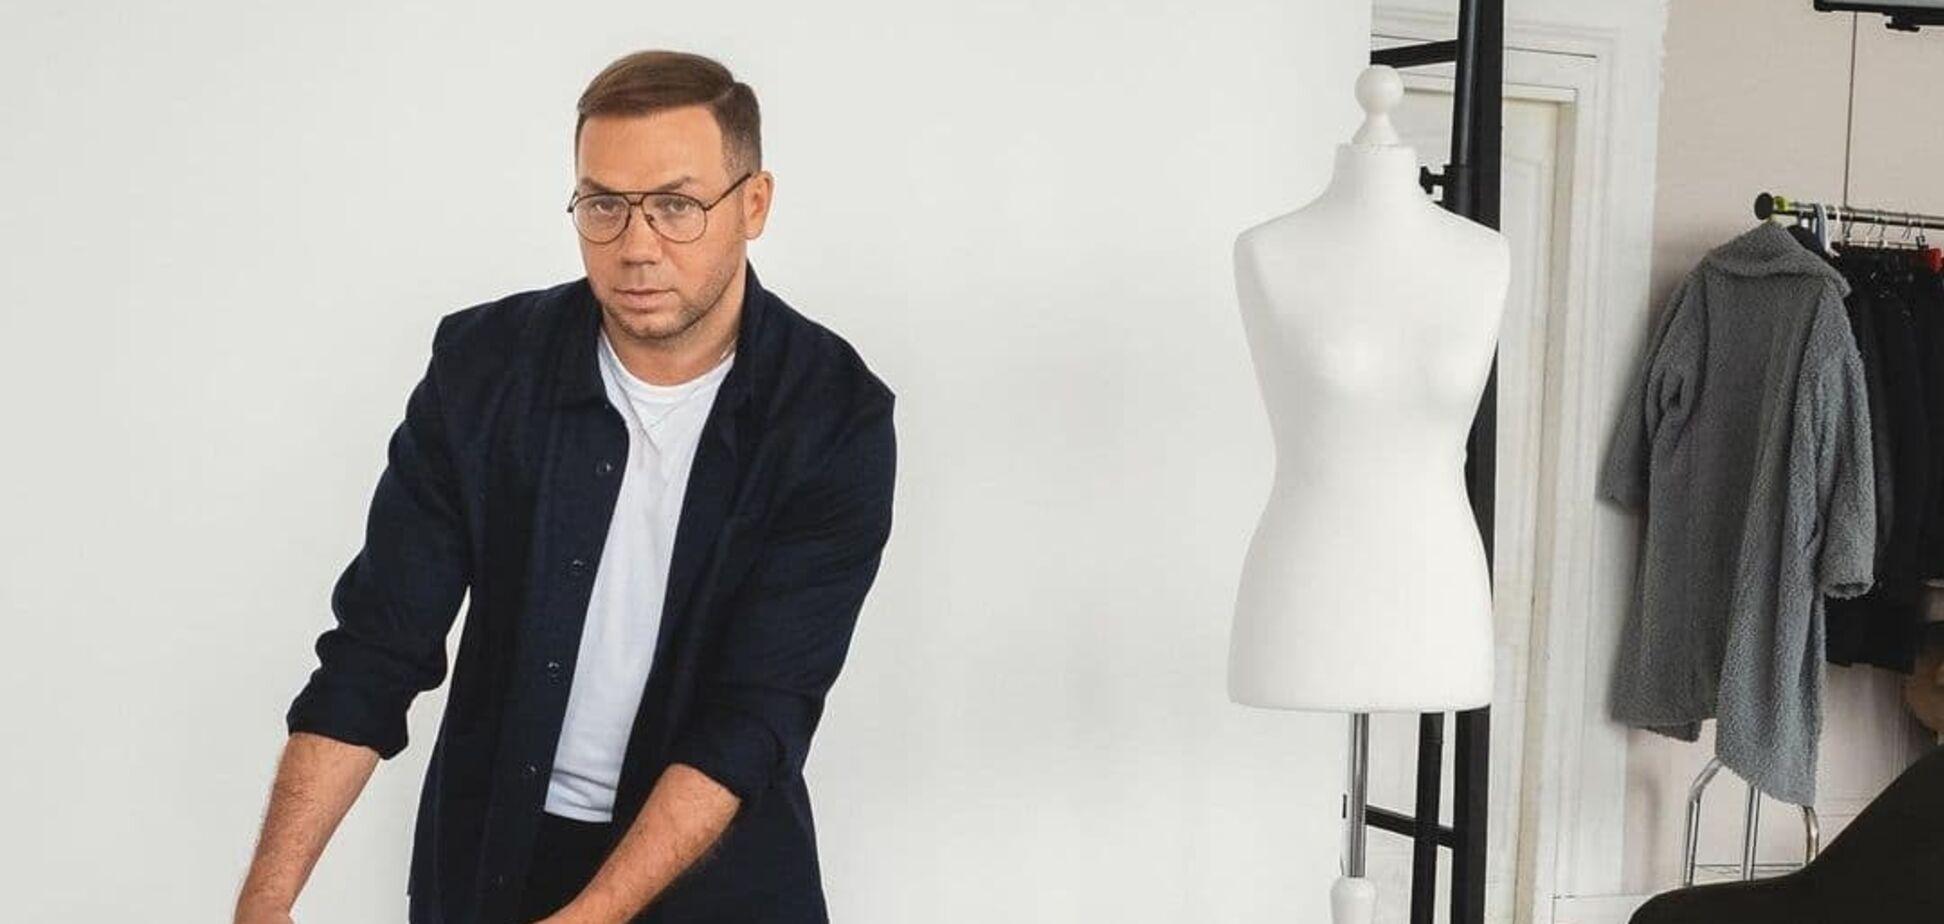 Андре Тан назвал вещи, которые остаются модными независимо от трендов